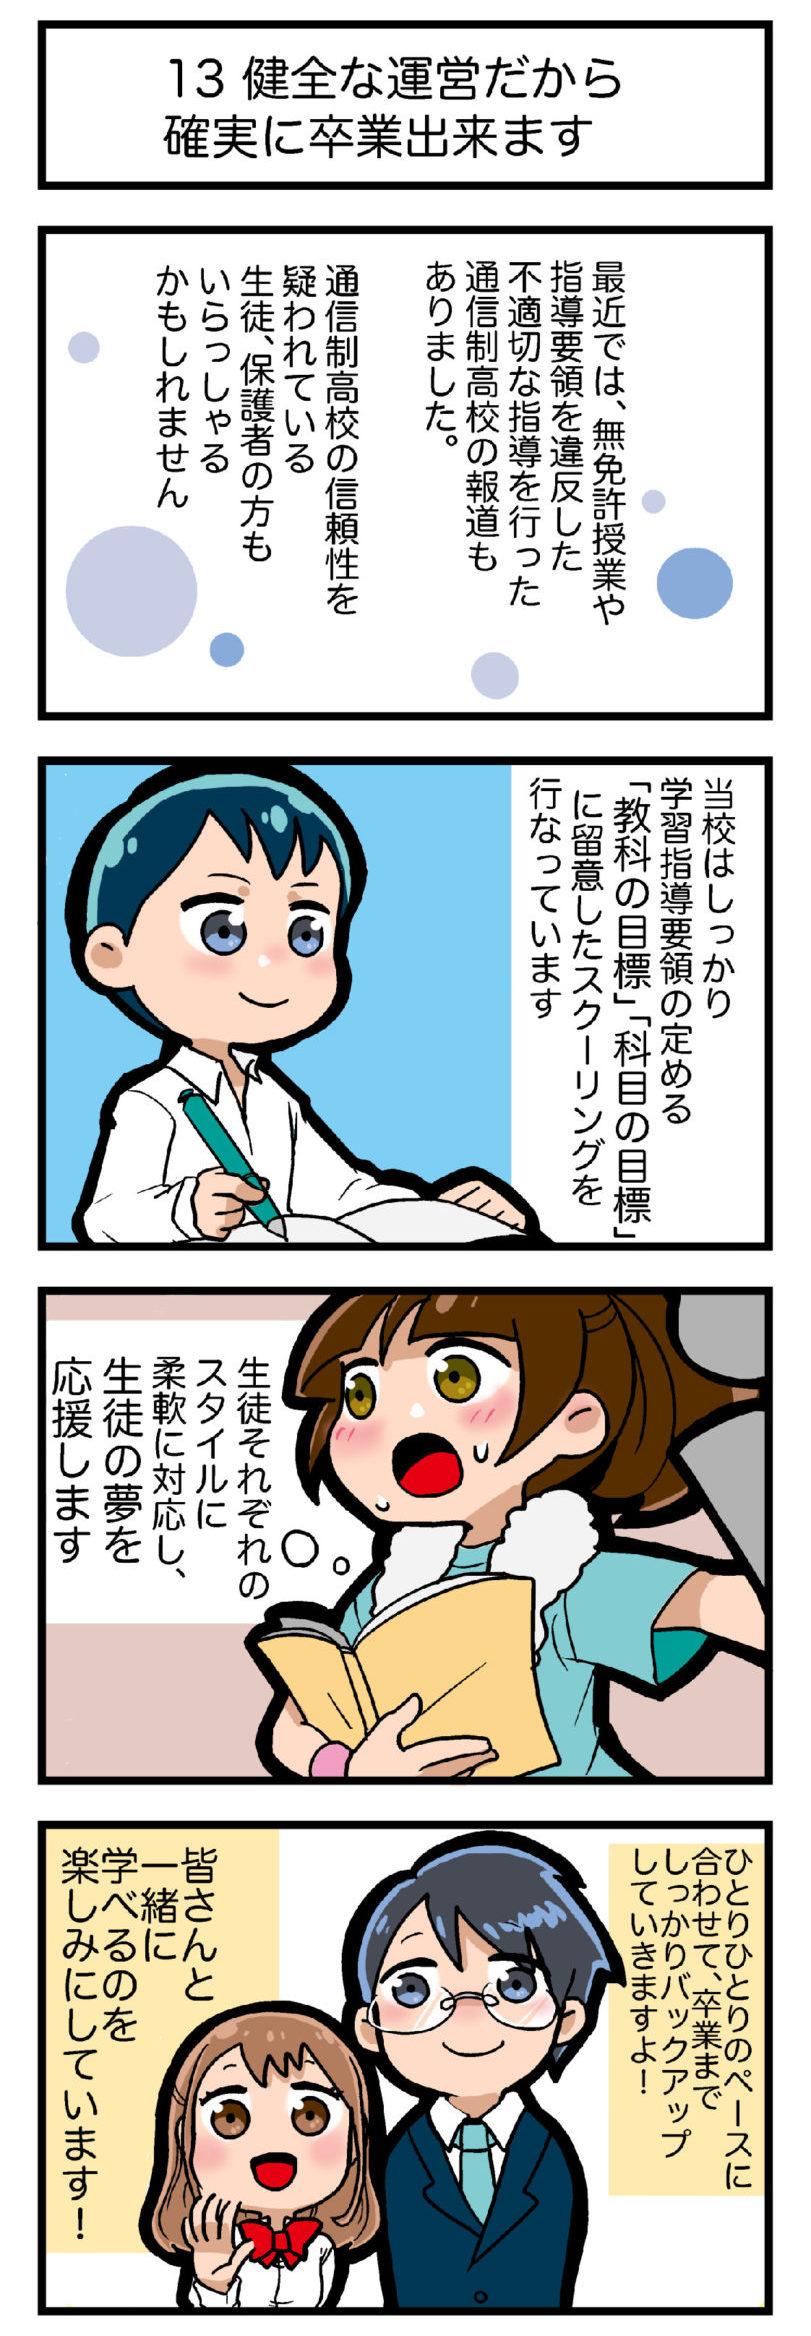 通信制は精華学園高校東京ボイス校